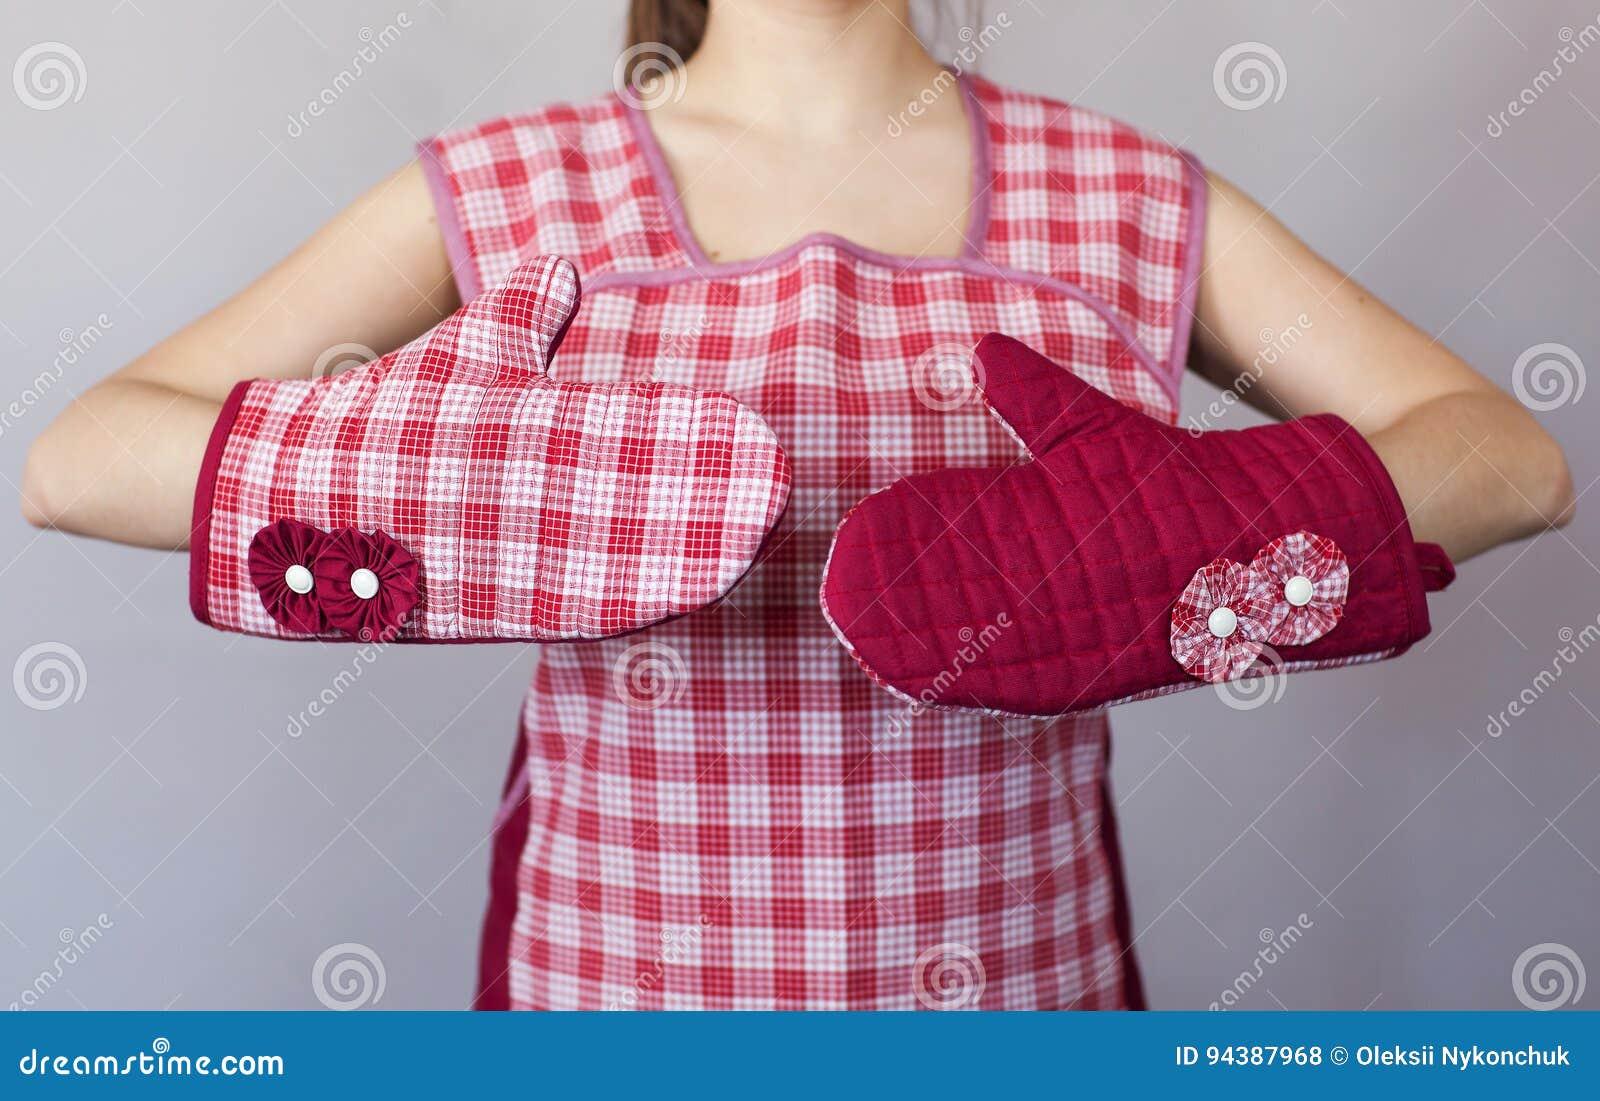 Ragazza nei guanti della cucina su fondo grigio